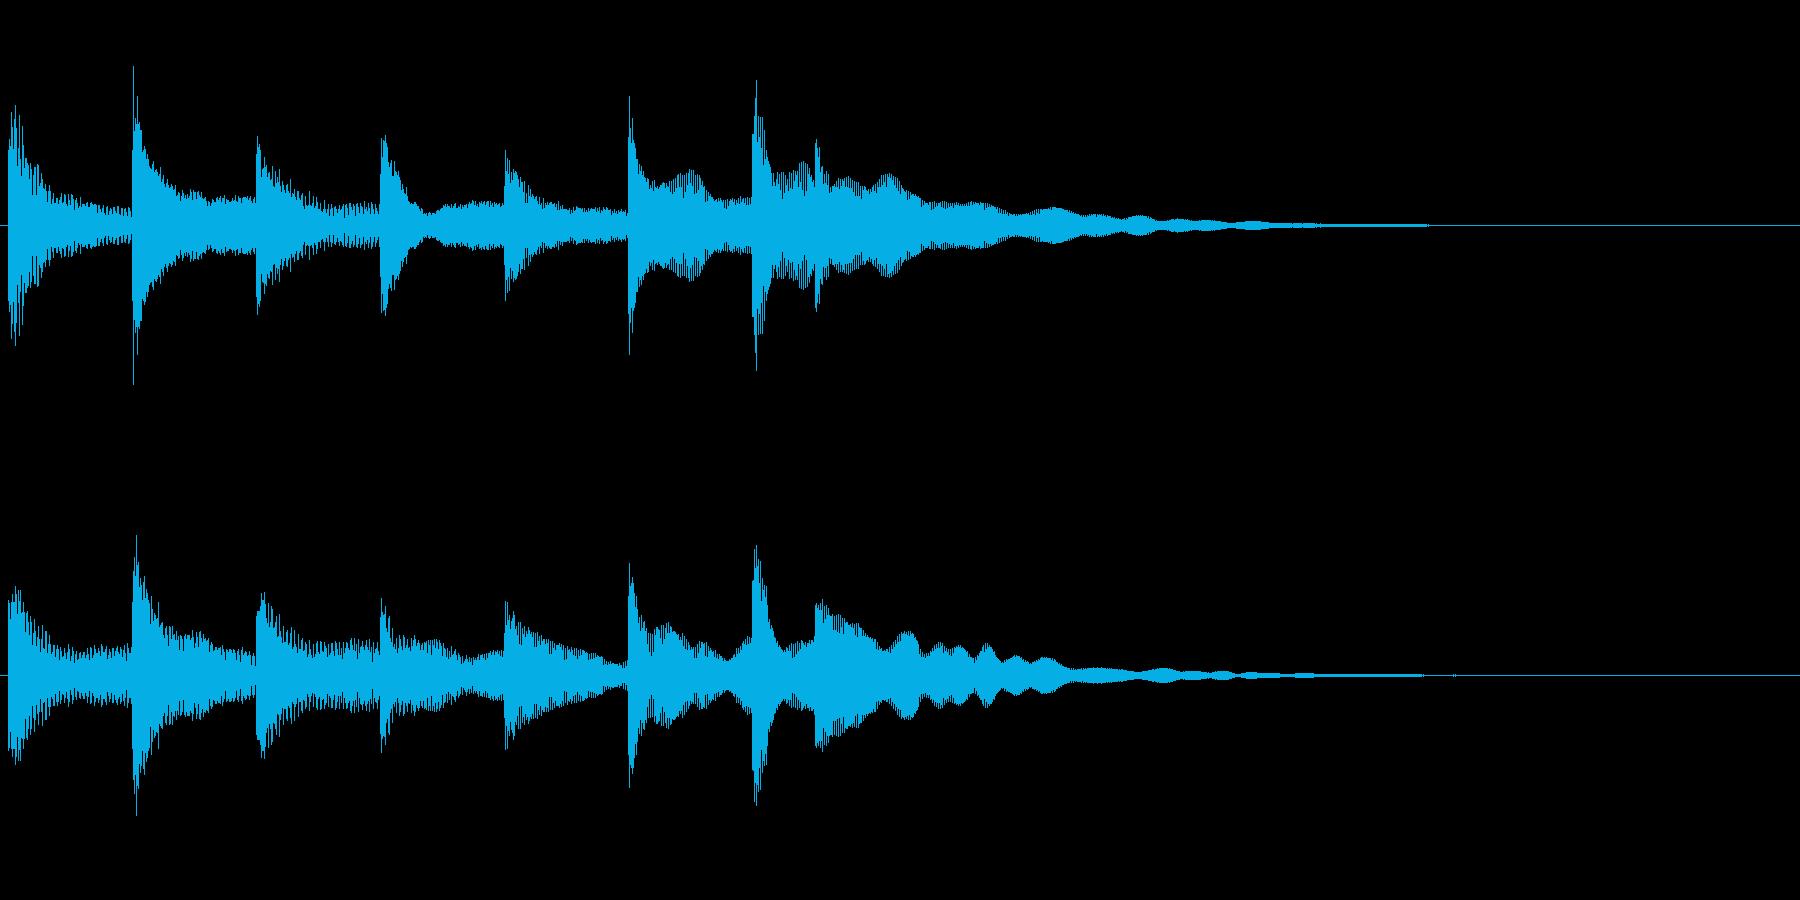 企業CM・映像向きアイキャッチの再生済みの波形